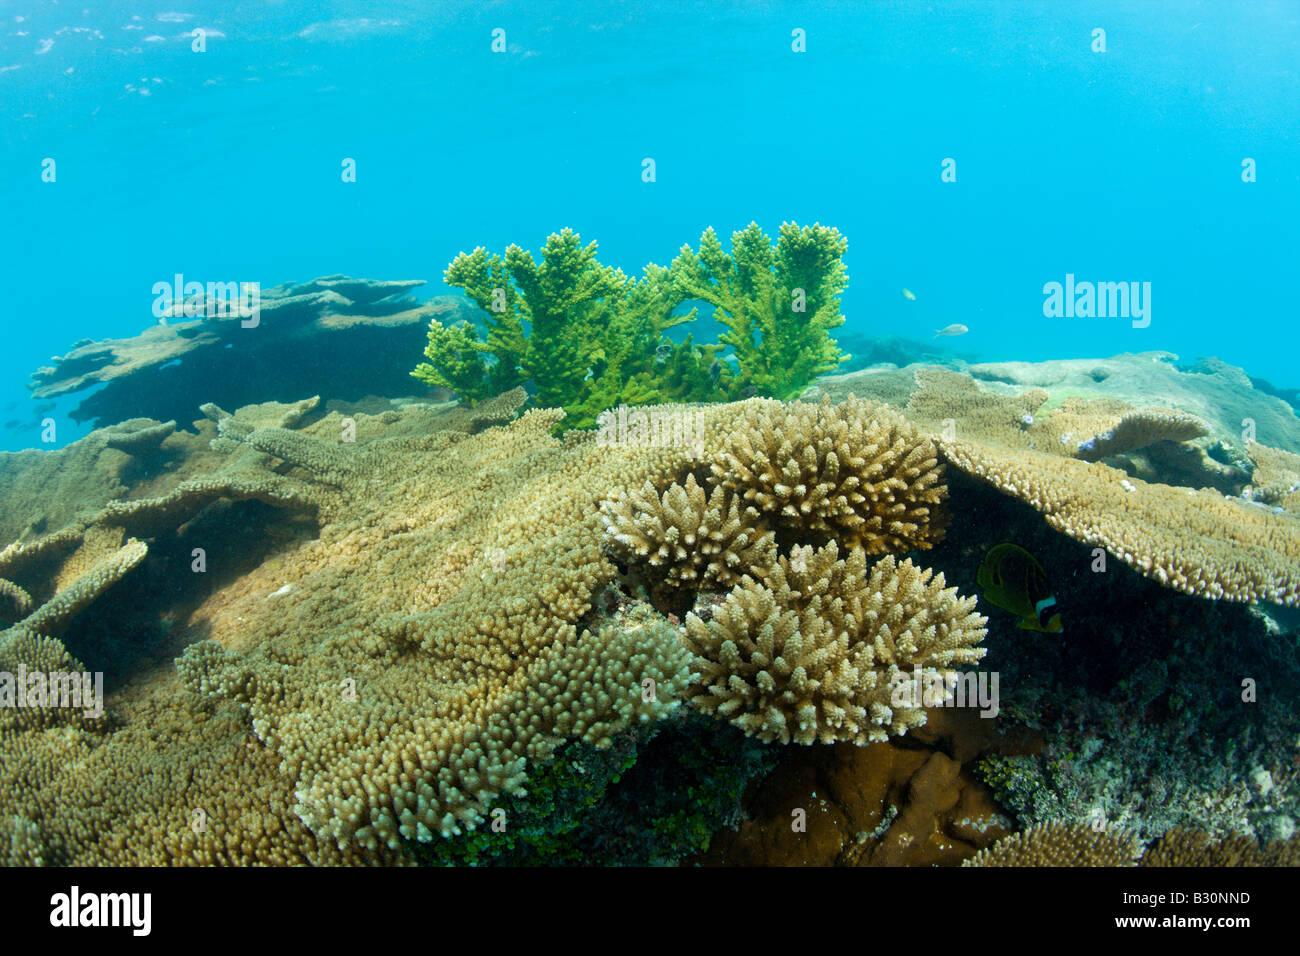 Corals in Bikini Lagoon Marshall Islands Bikini Atoll Micronesia Pacific Ocean - Stock Image